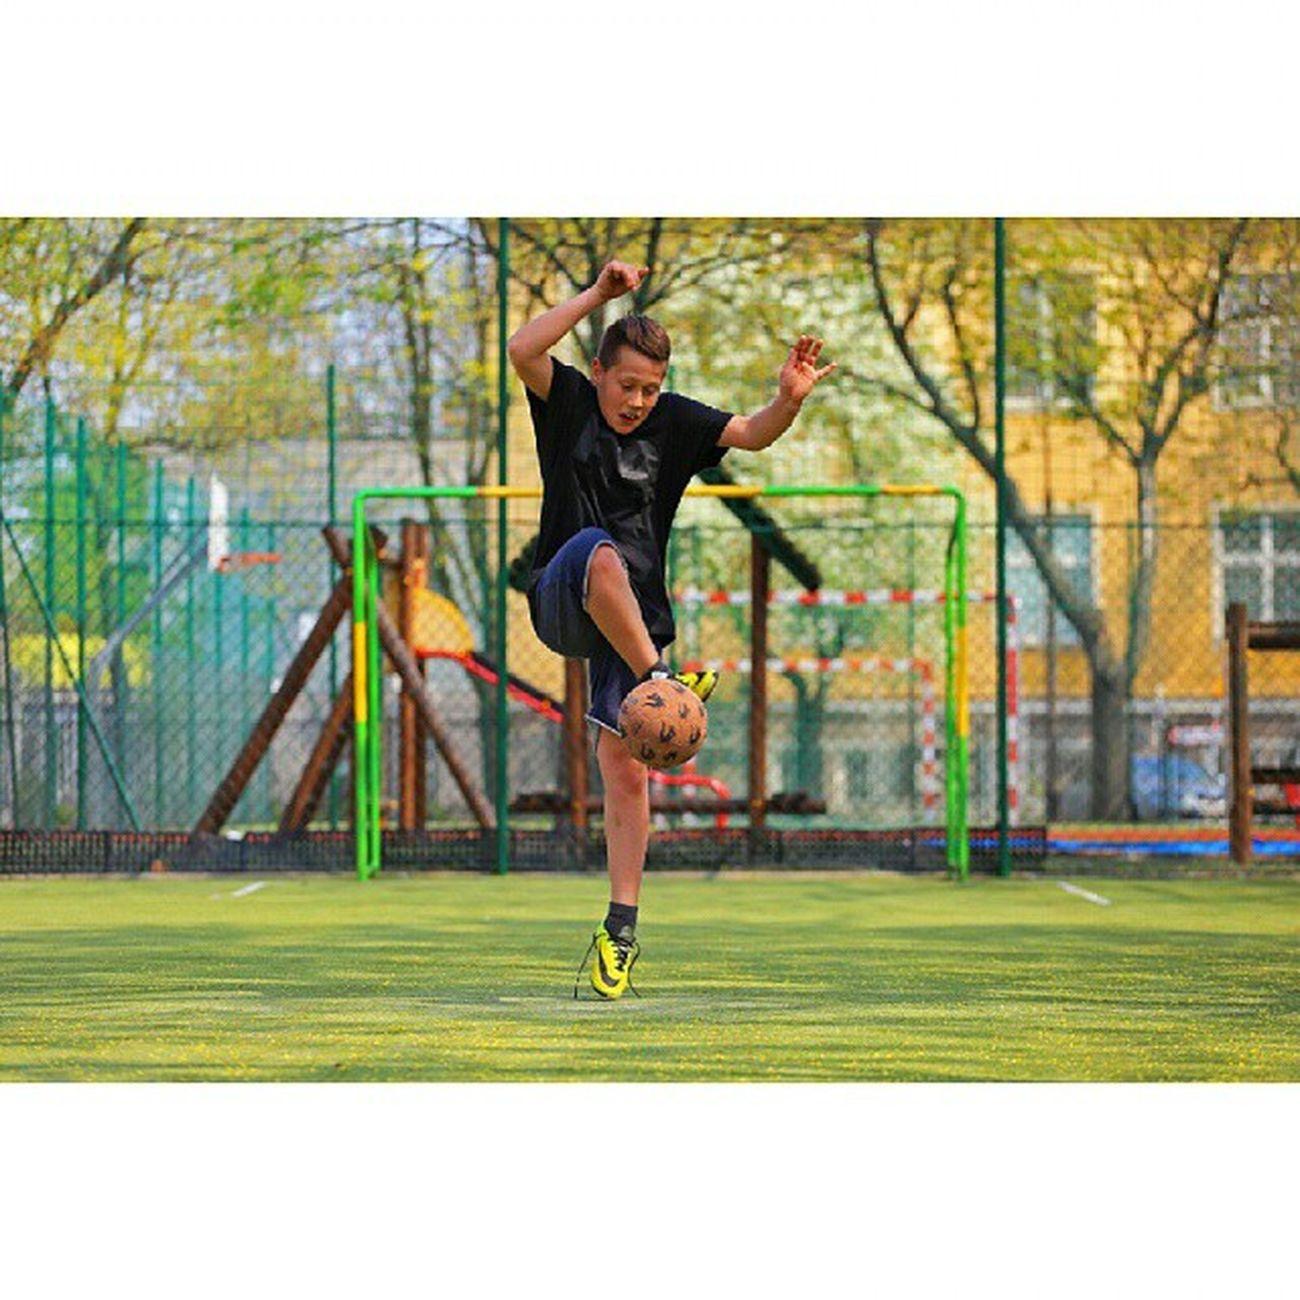 @iwokowalski Monta Soccer Football Fifa Pes Wylogojsiedozycia Streetball Canon Canon6d Gtcompany